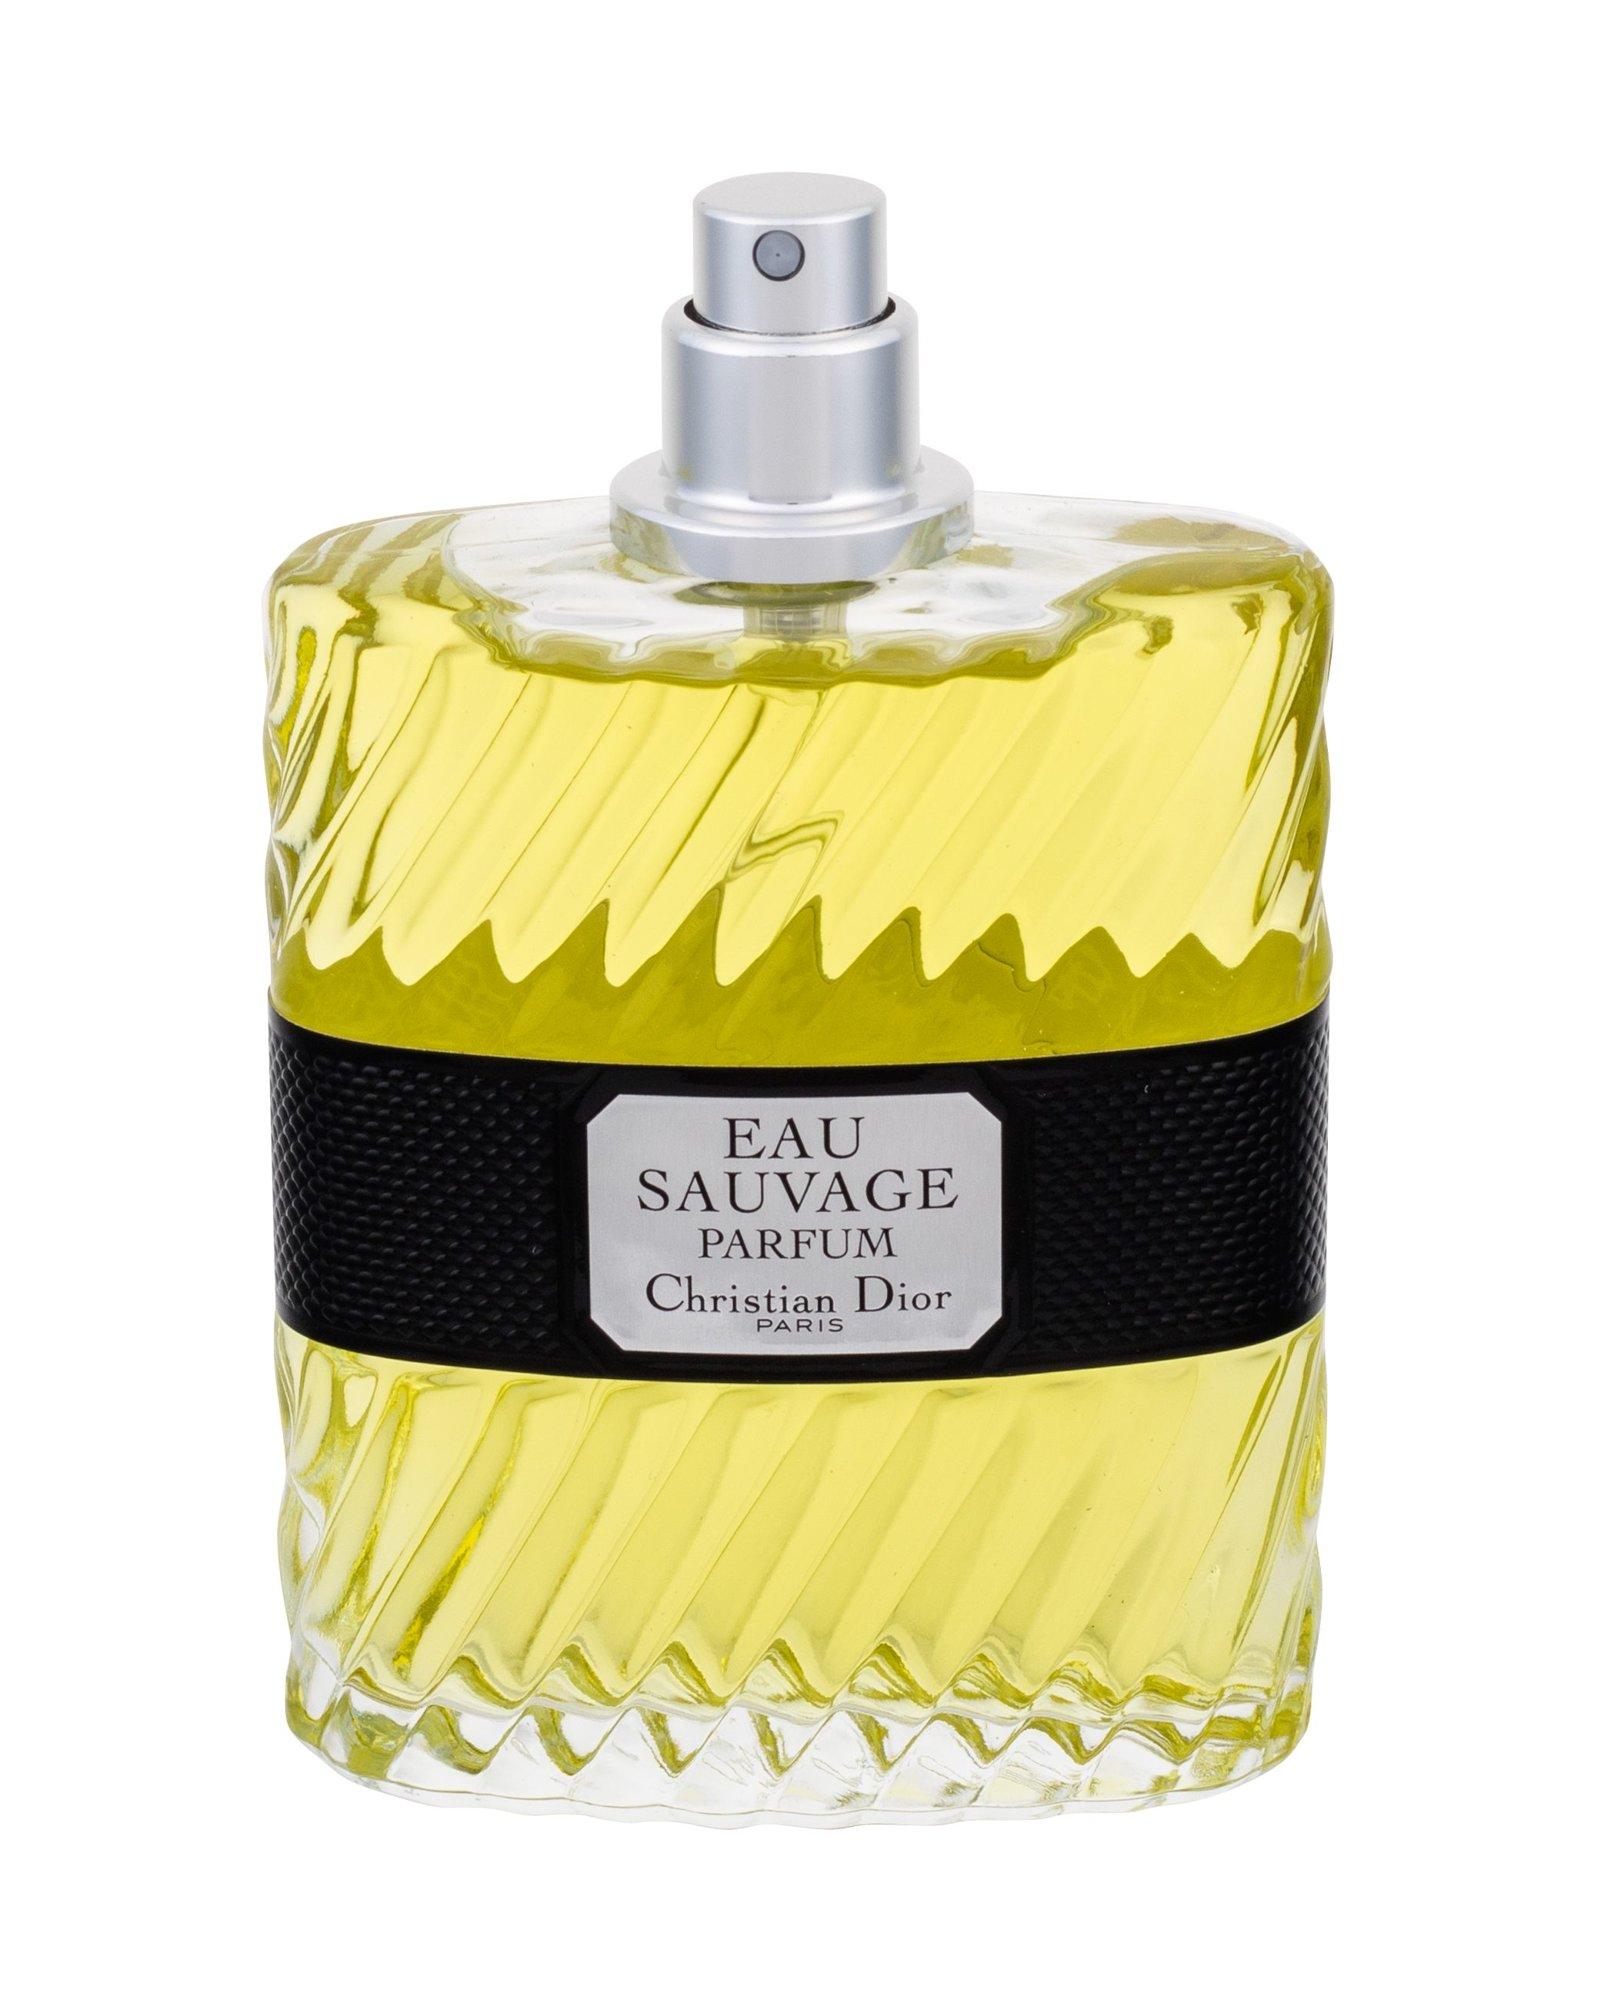 Christian Dior Eau Sauvage Parfum EDP 100ml